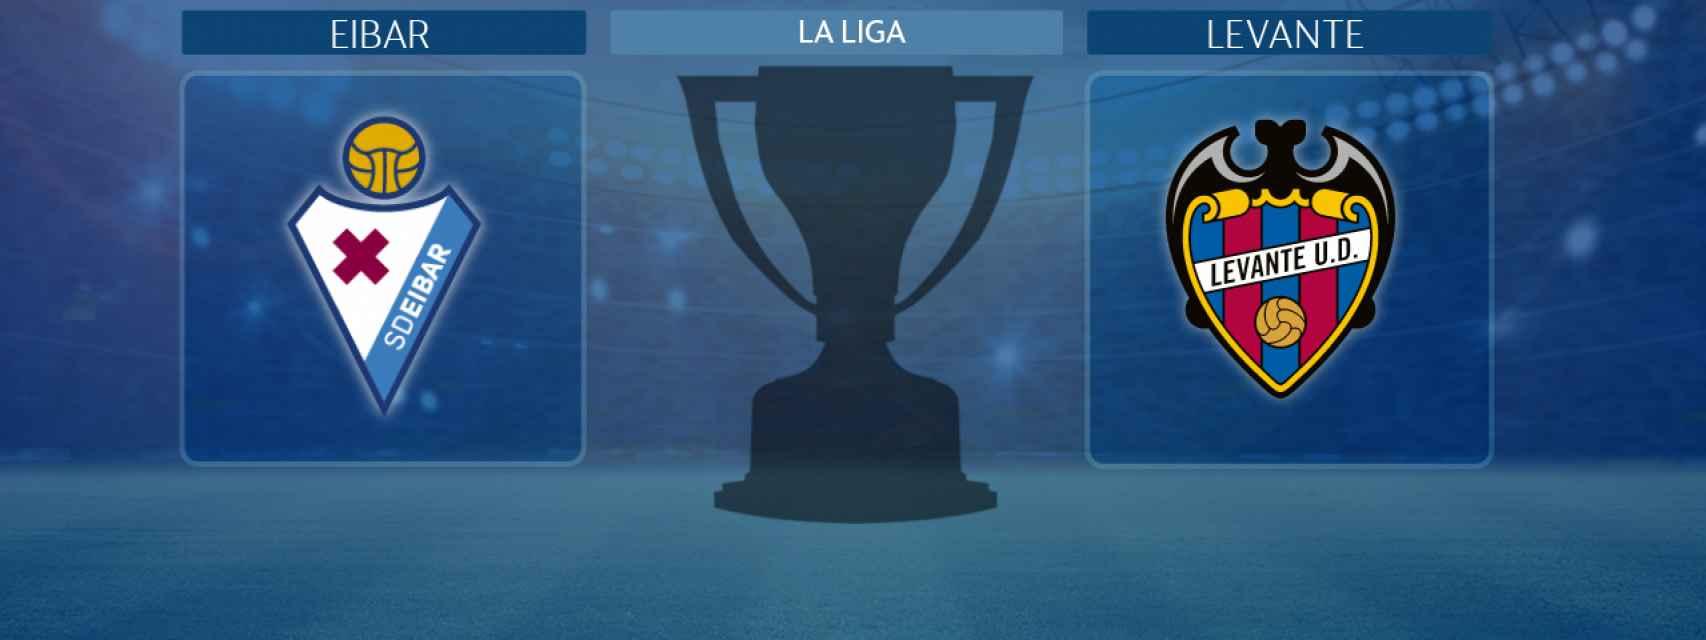 Eibar - Levante, partido de La Liga